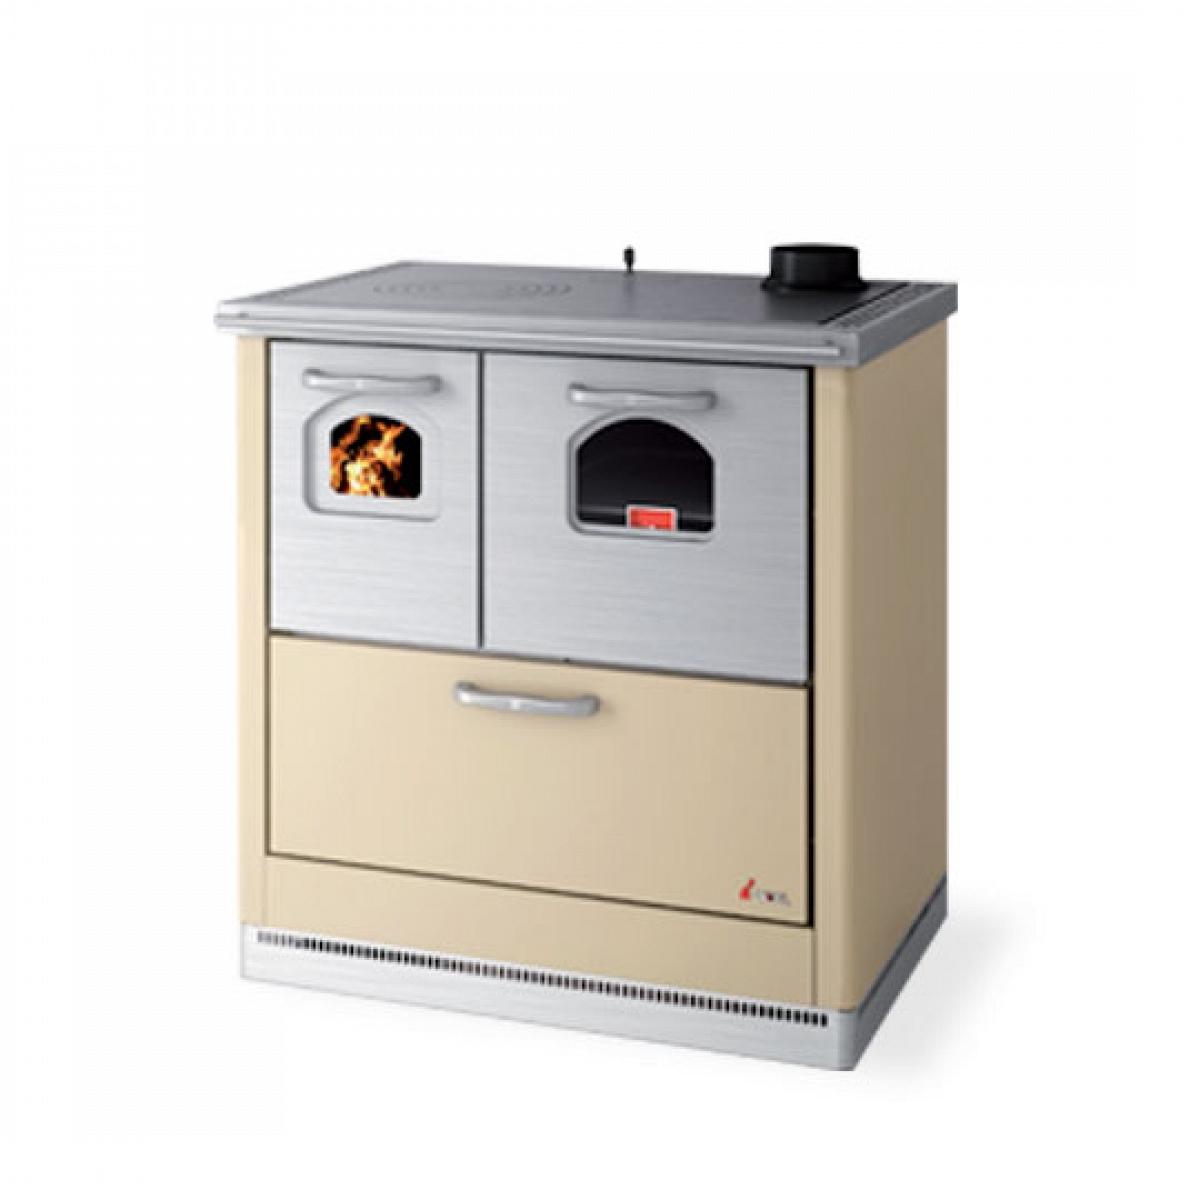 Cucina a legna 6 kw mod carla avorio cadel cadel stufe a - Stufa a combustibile liquido opinioni ...